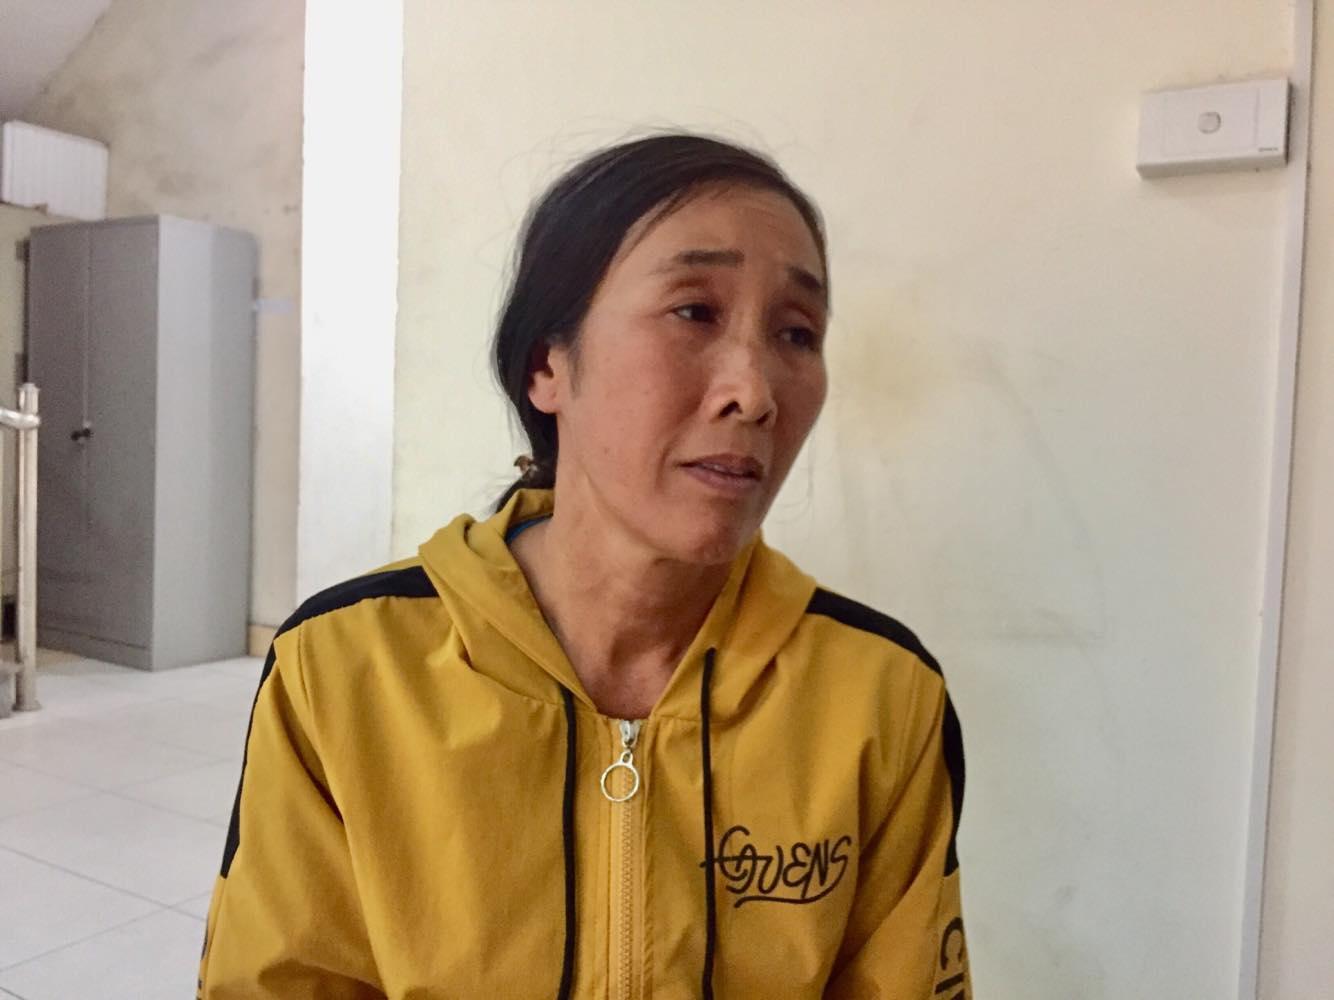 Xót xa gia cảnh nữ sinh nghèo gặp tai nạn nguy kịch khi đang đi làm thêm